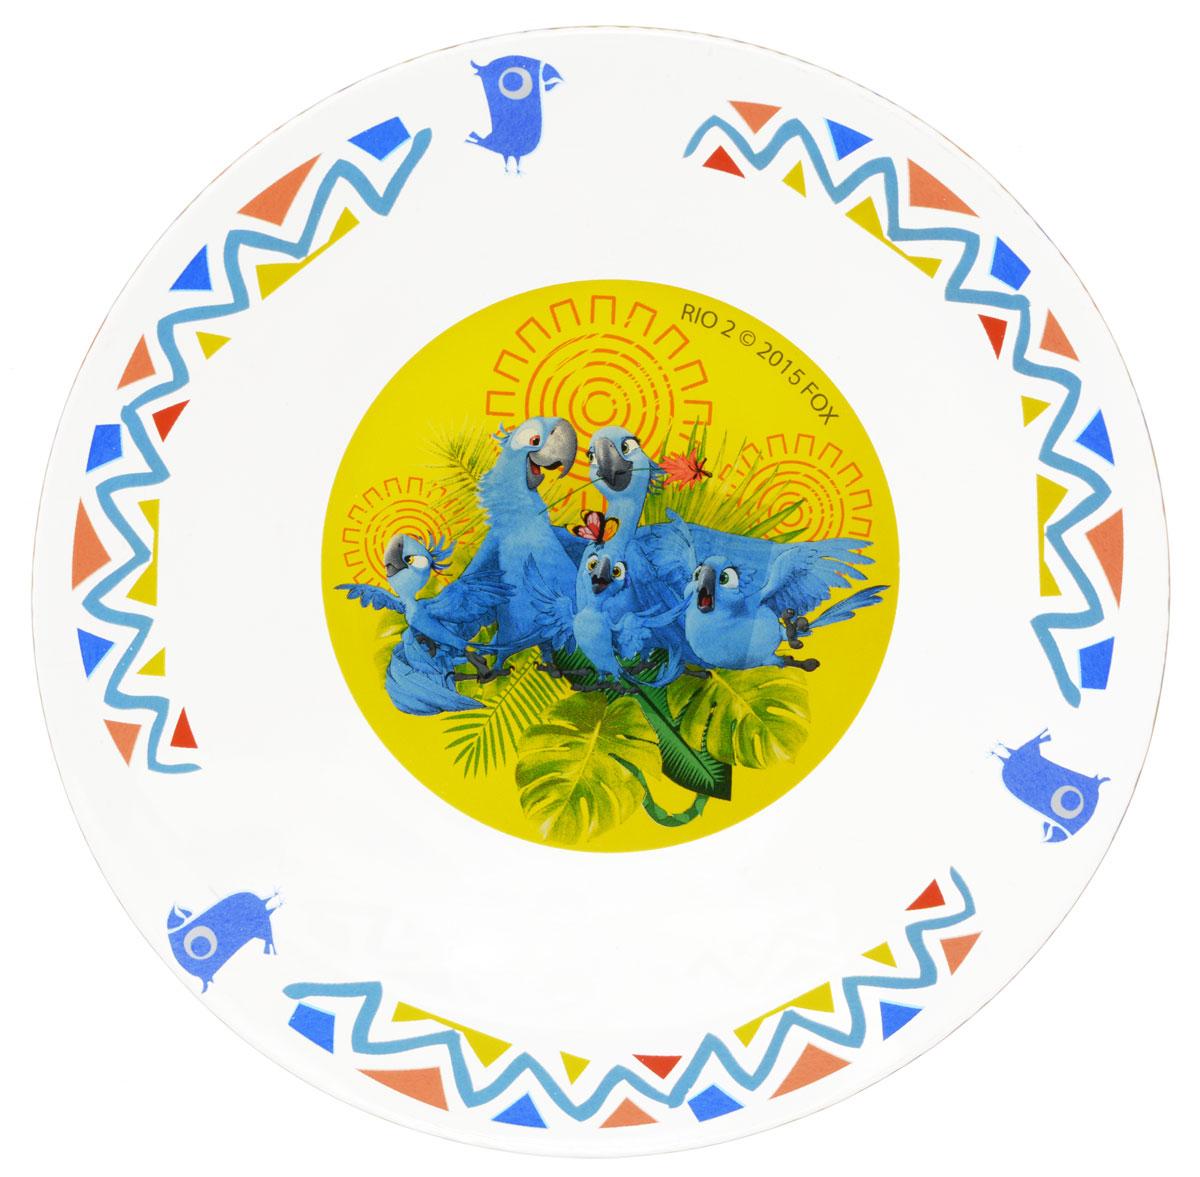 Рио Тарелка детская диаметр 19,5 см120809Яркая тарелка Рио идеально подойдет для кормления малыша и самостоятельного приема им пищи. Тарелка выполнена из стекла и оформлена высококачественным изображением героев мультфильма Рио-2.Такой подарок станет не только приятным, но и практичным сувениром, добавит ярких эмоций вашему ребенку! Не подходит для использования в посудомоечной машине.